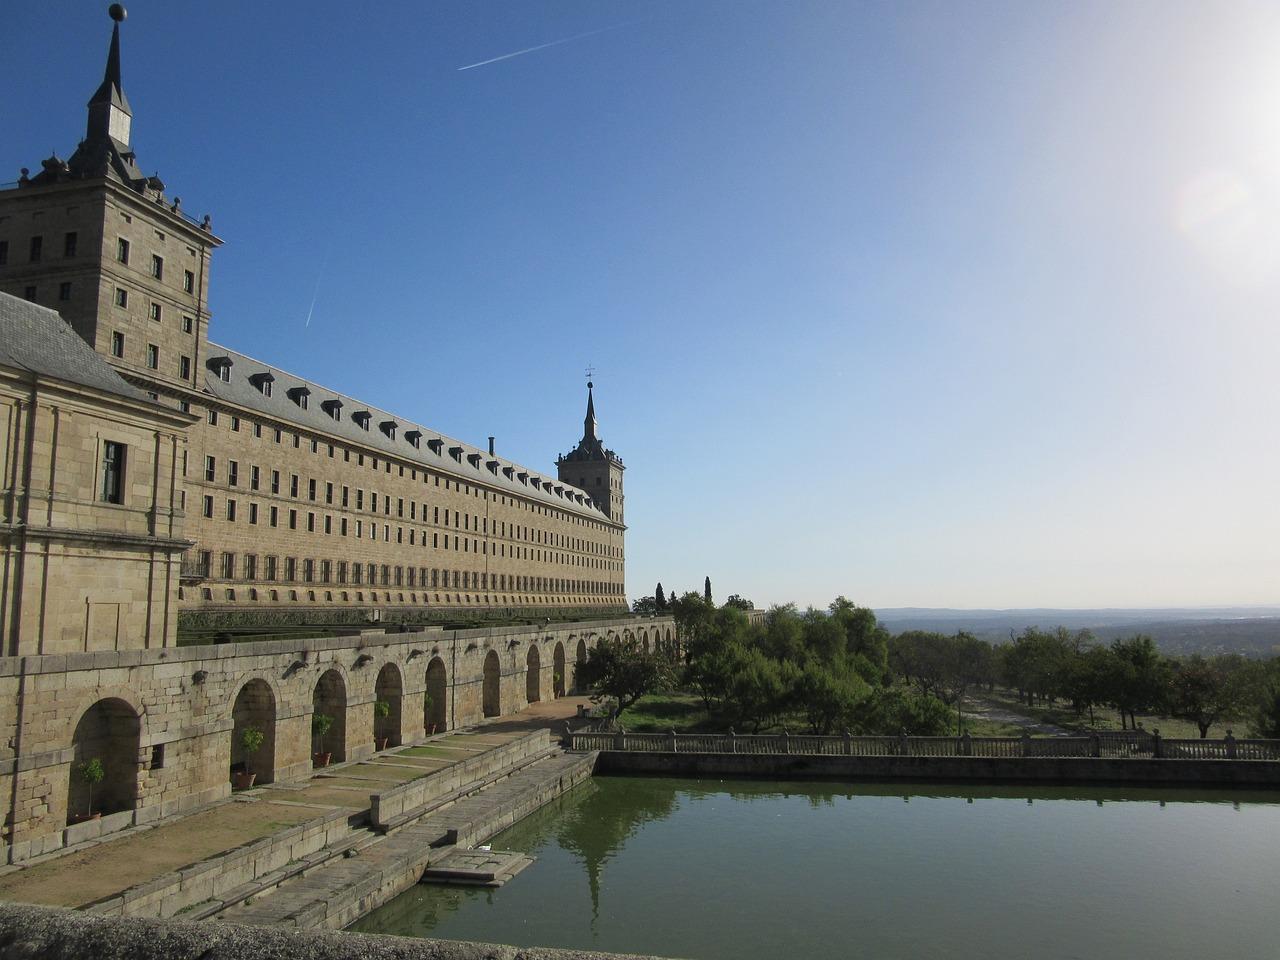 прекрасная, писали почему замок эскориал называют решеткой фото неживой природе относятся